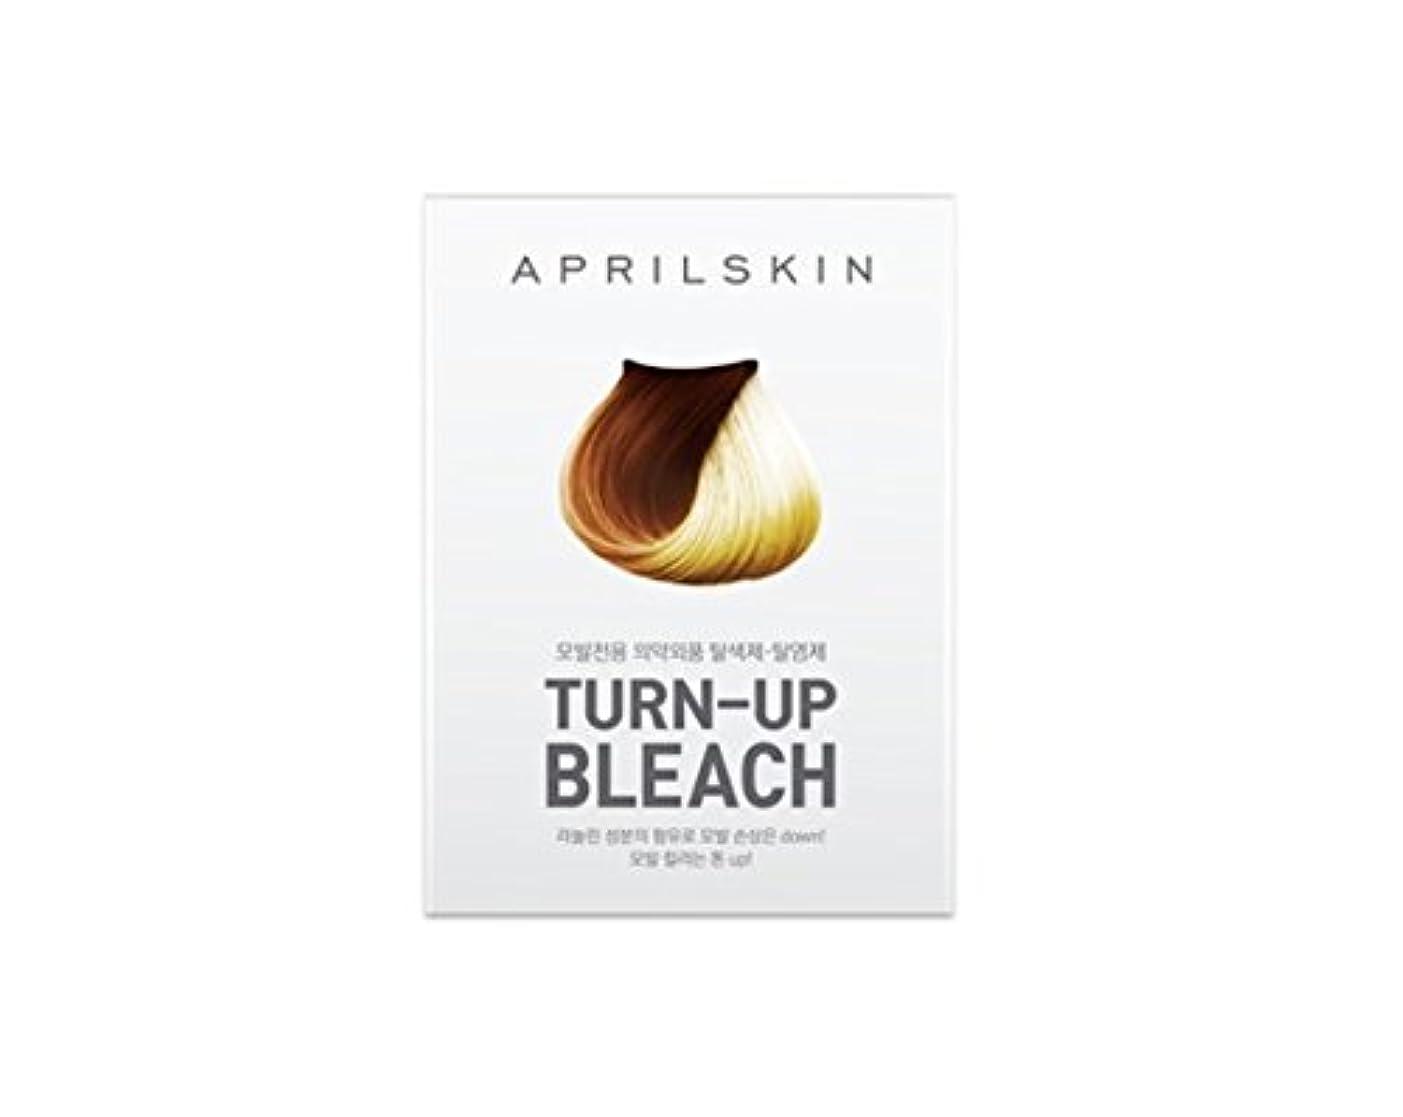 ガチョウ革命表面エープリル?スキン [韓国コスメ April Skin] 漂白ブリーチ(ヘアブリーチ)Turn Up Bleach (Hair Bleach) [海外直送品]